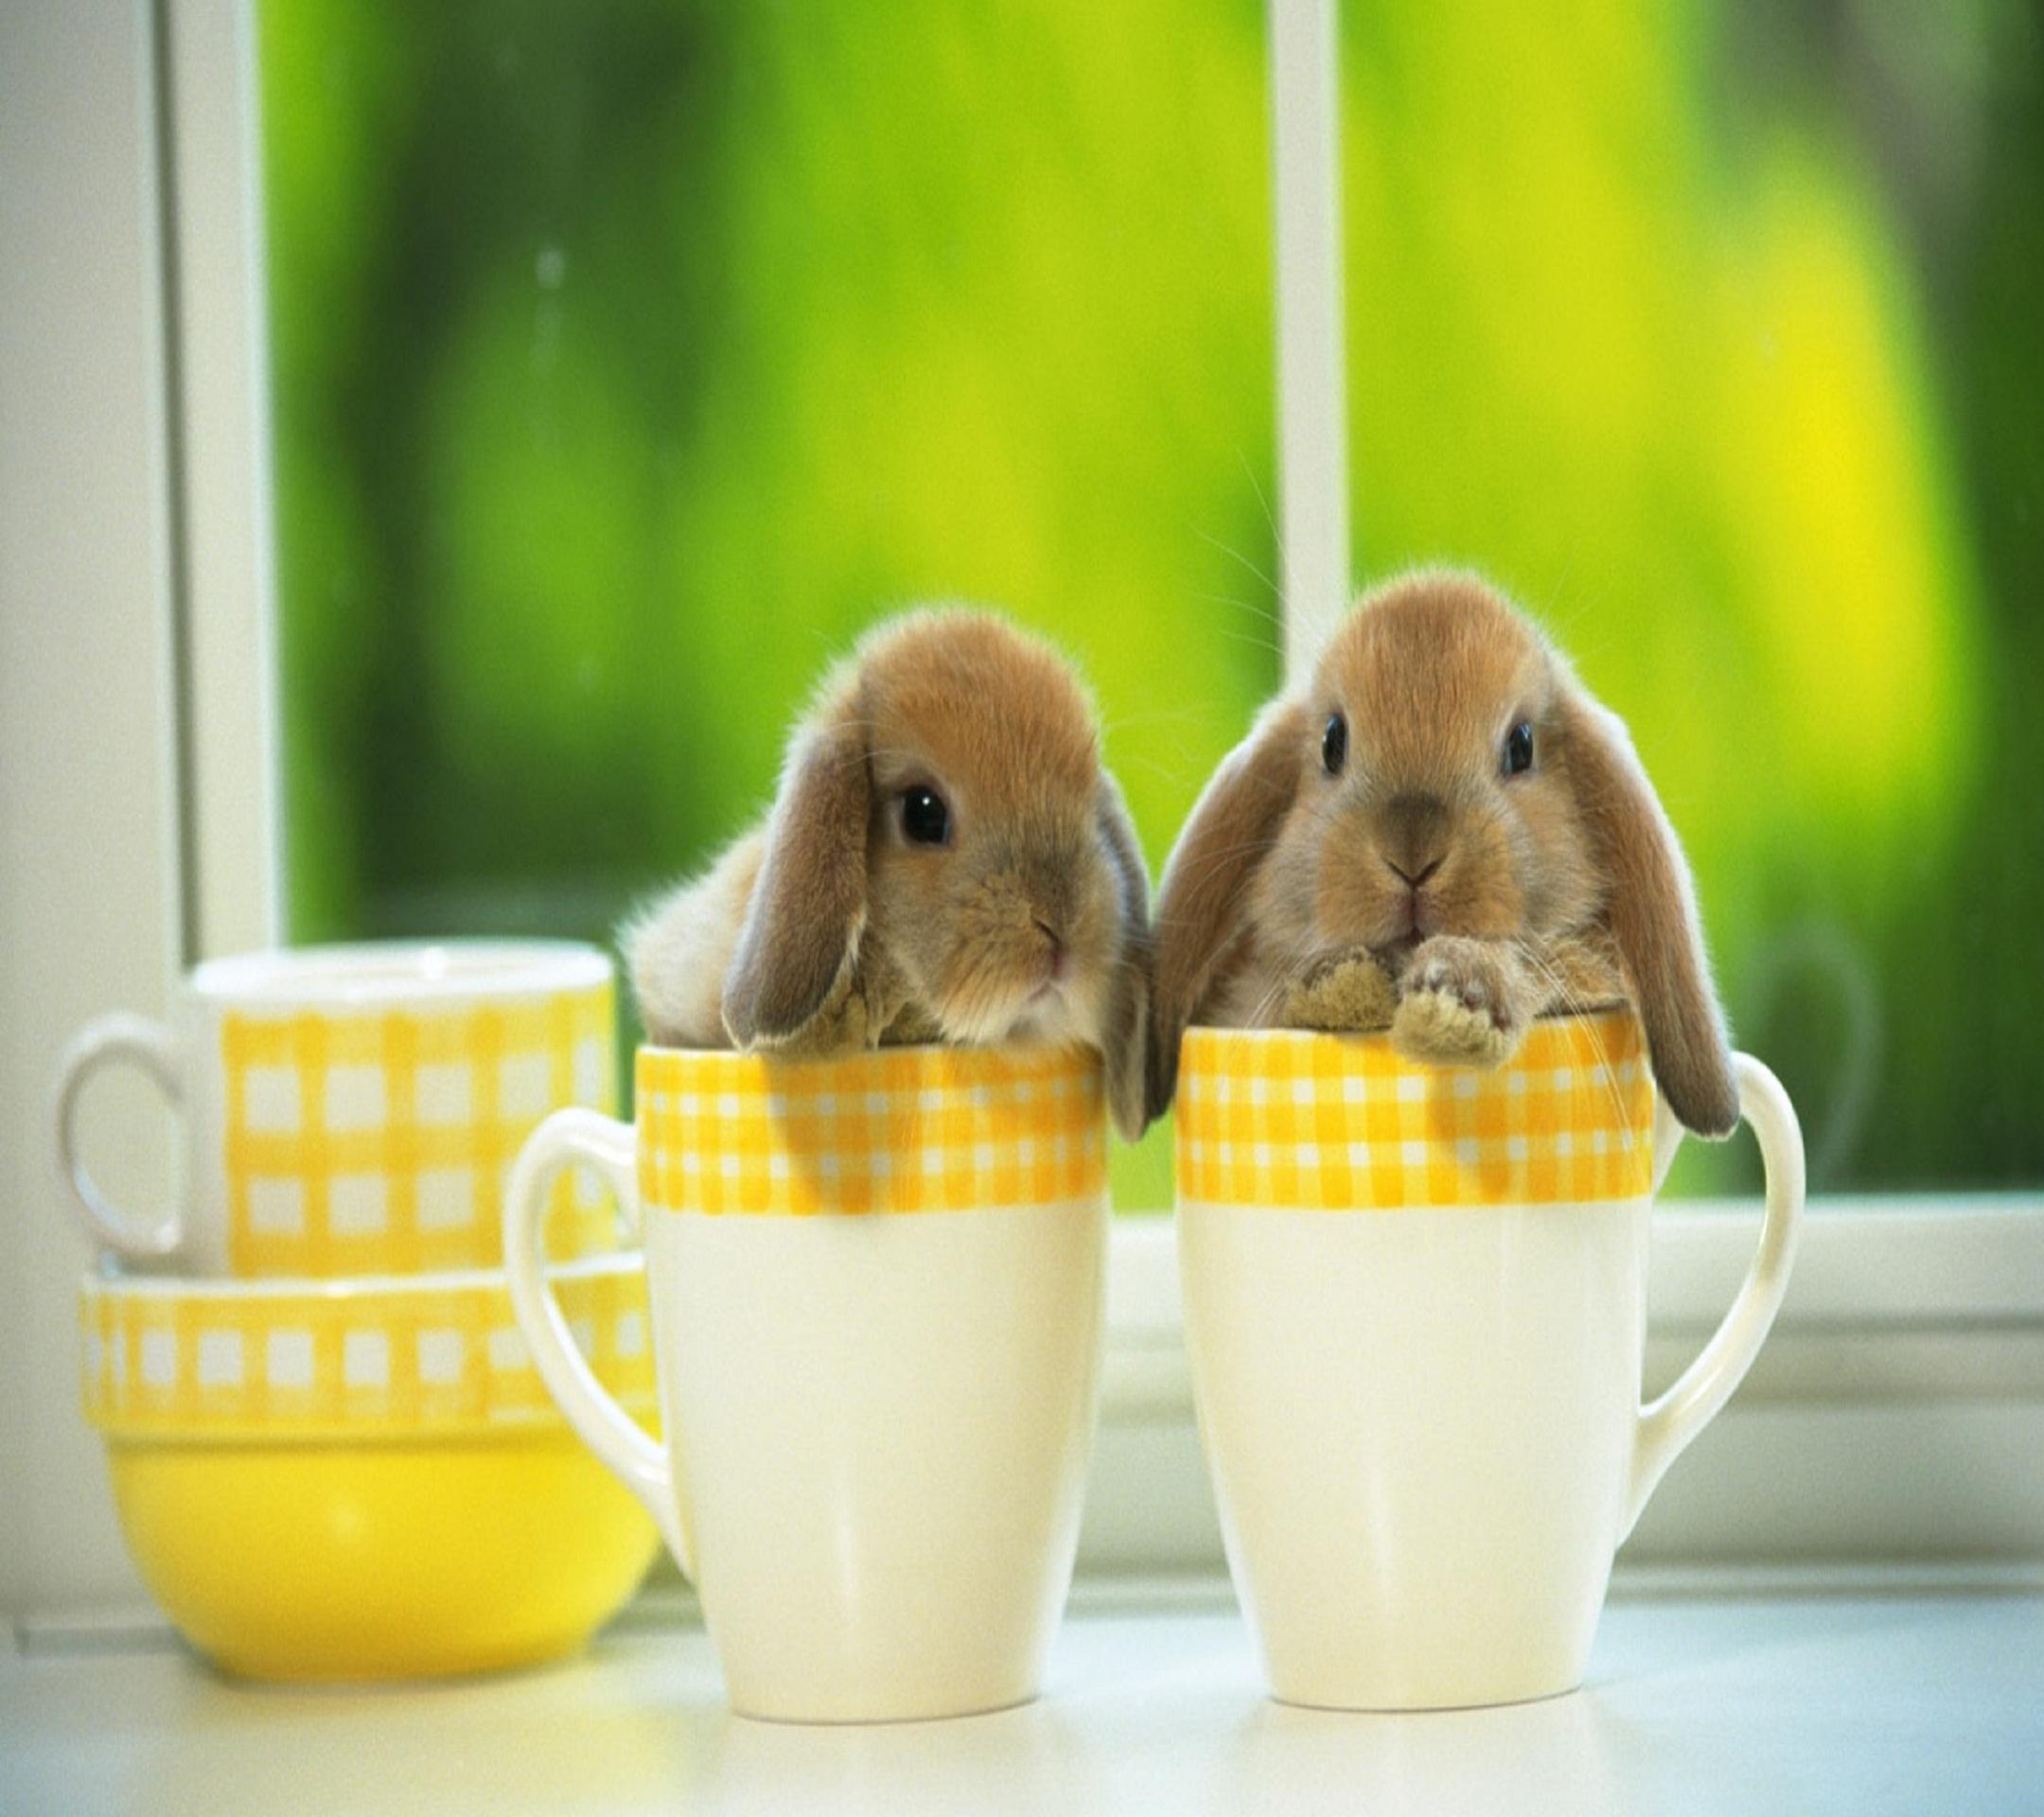 Cute_Bunny-wallpaper-10560677.jpg